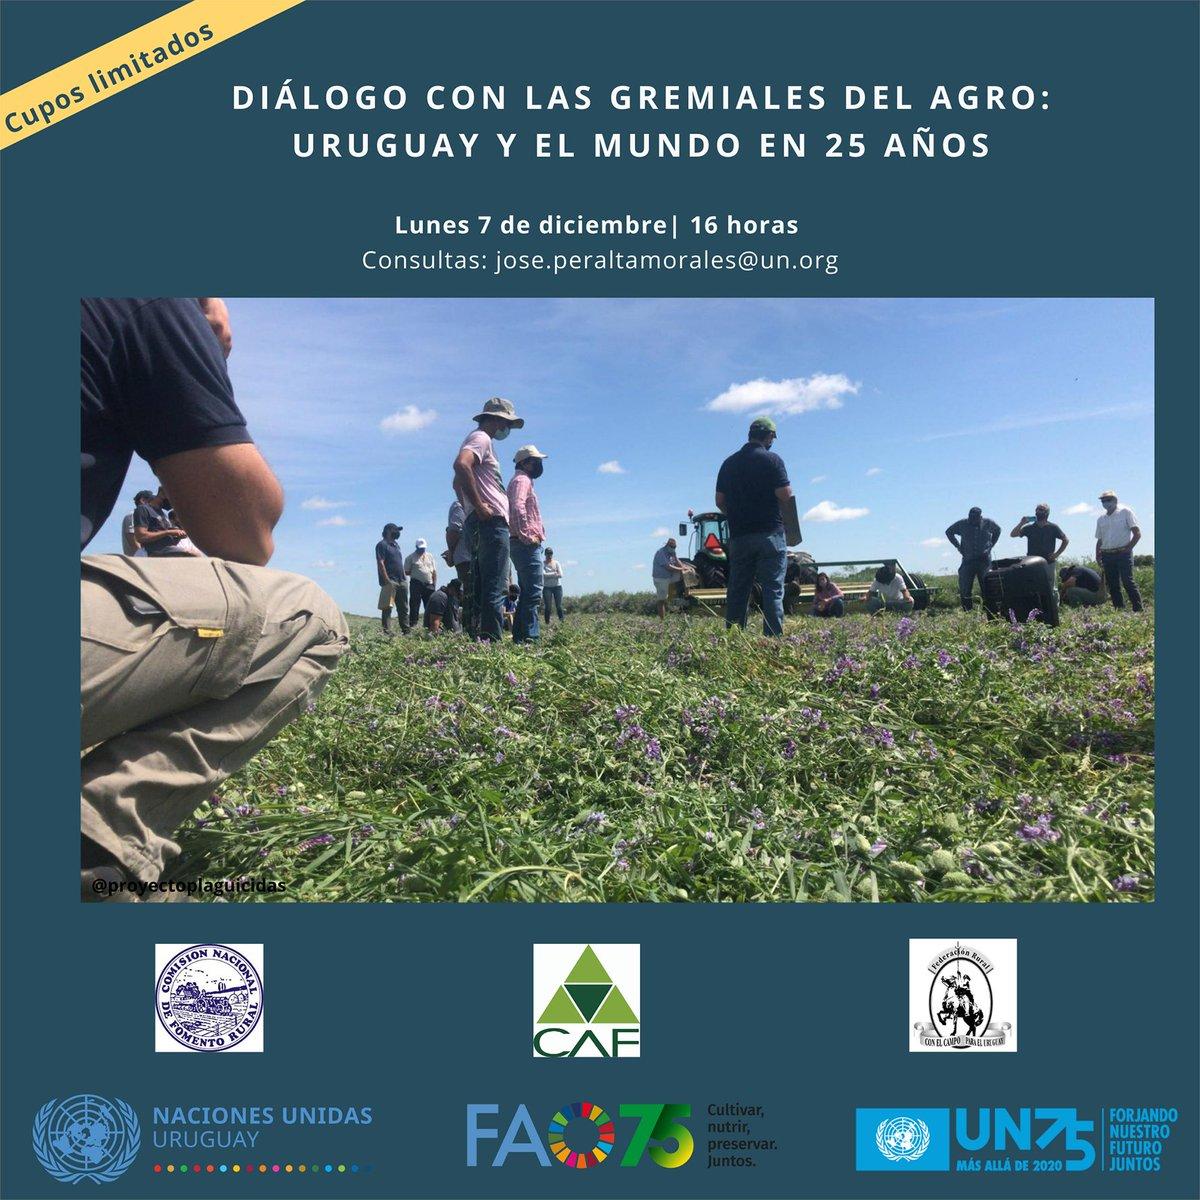 📢 Diálogo con las gremiales del #agro   🗨️ Los sistemas agroalimentarios que construimos juntos🌱  @CAFUruguay, @federacionrural y Comisión Nacional de Fomento Rural #CNFR con @ONUUruguay y @FAOUruguay  🗓️lunes 7/12⌚16h🇺🇾 📝Para participar👇🏼  #UN75 #FAO75